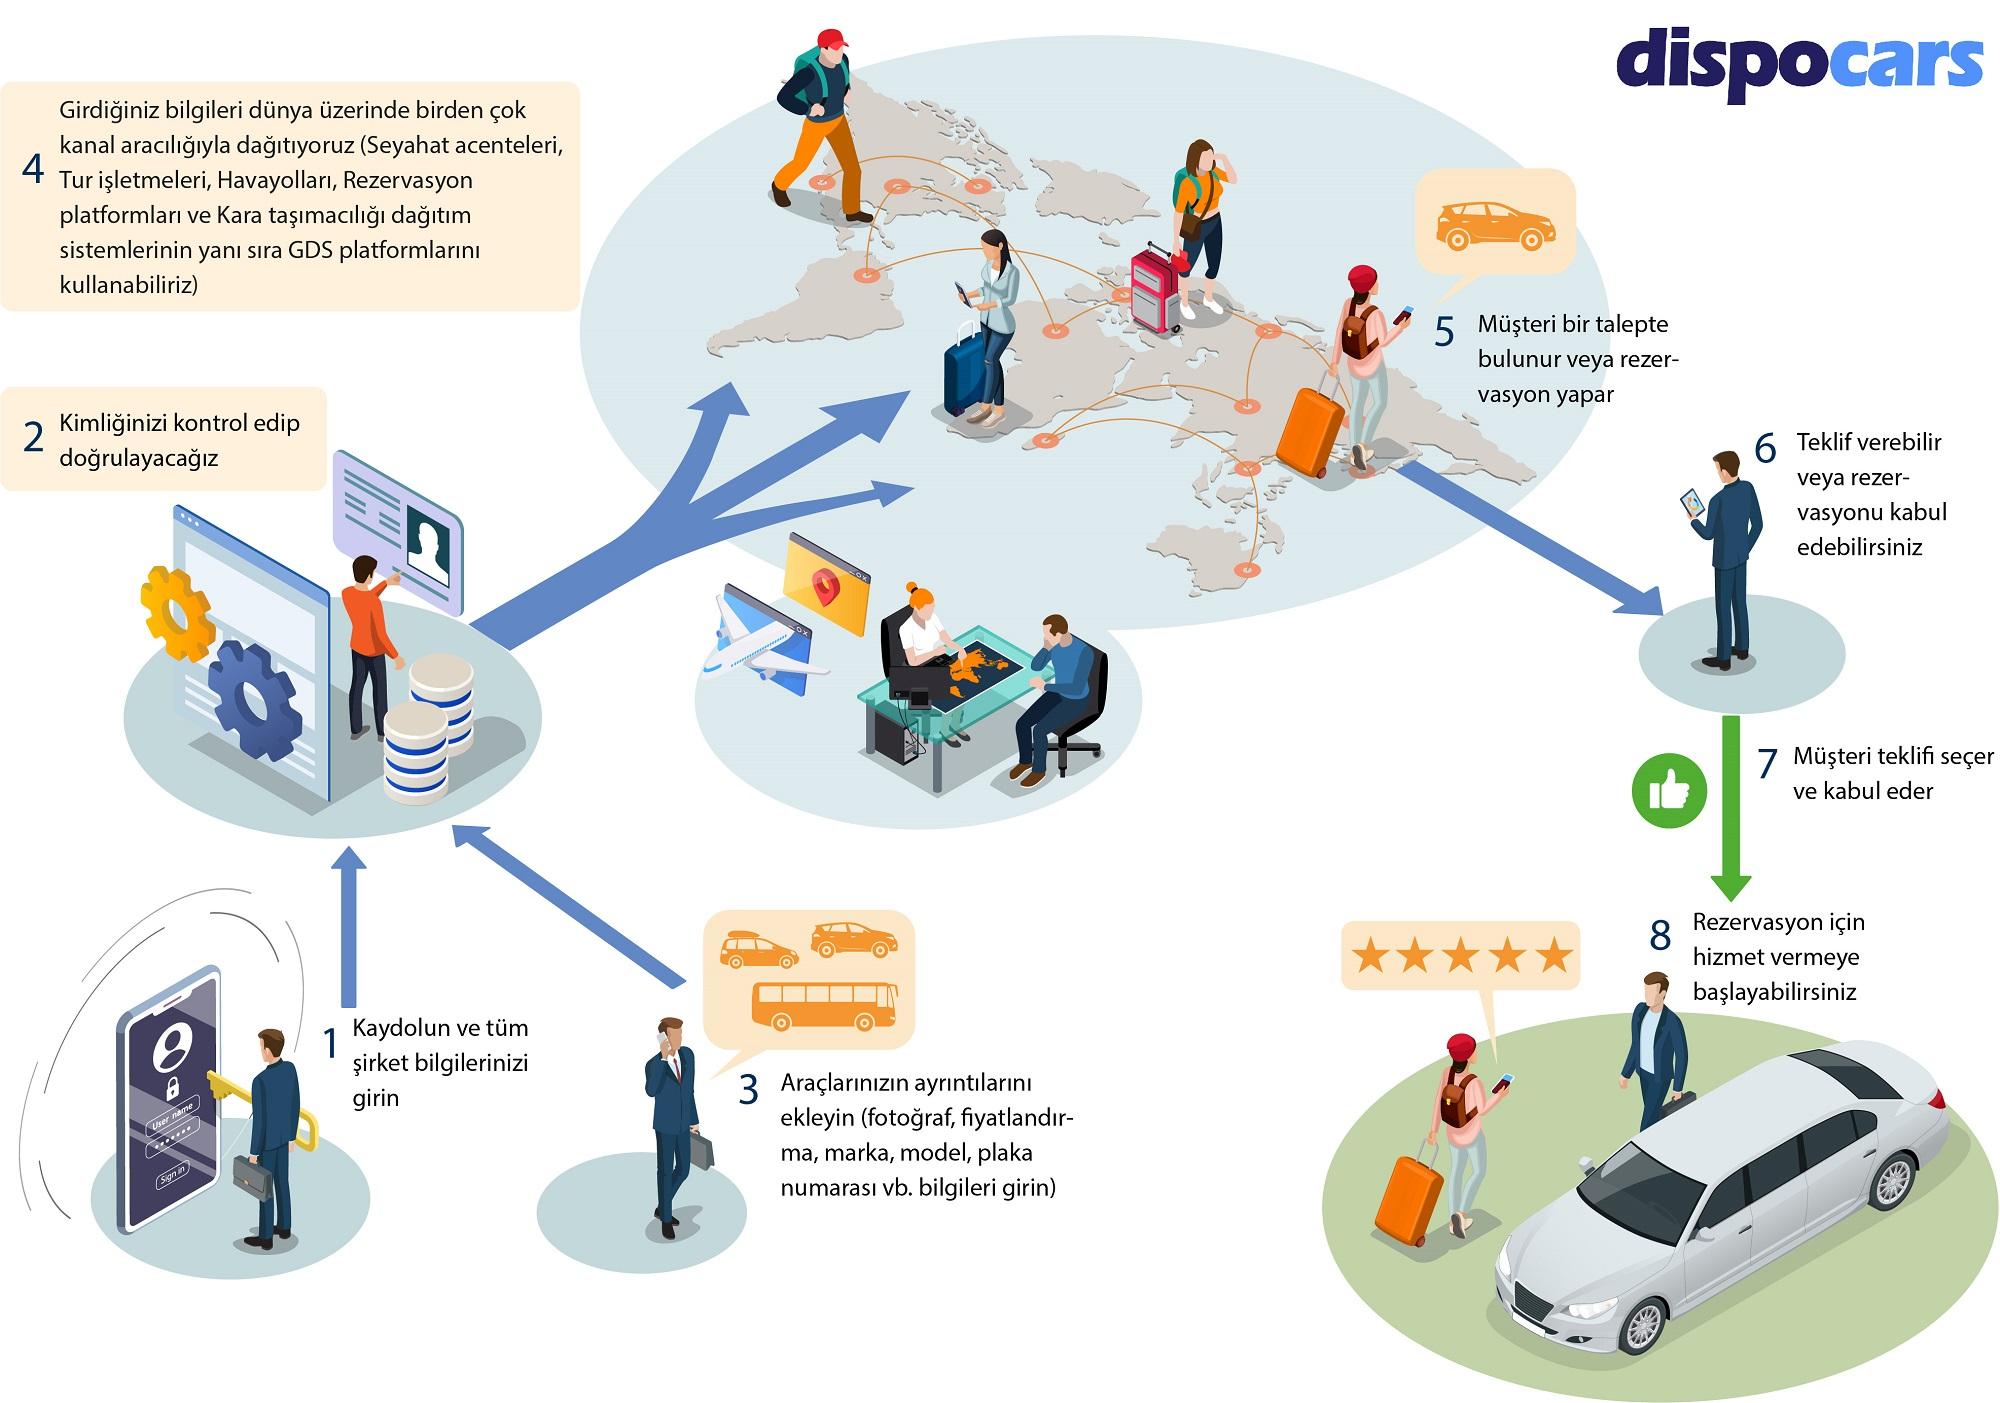 DispoCars - Partner olmak